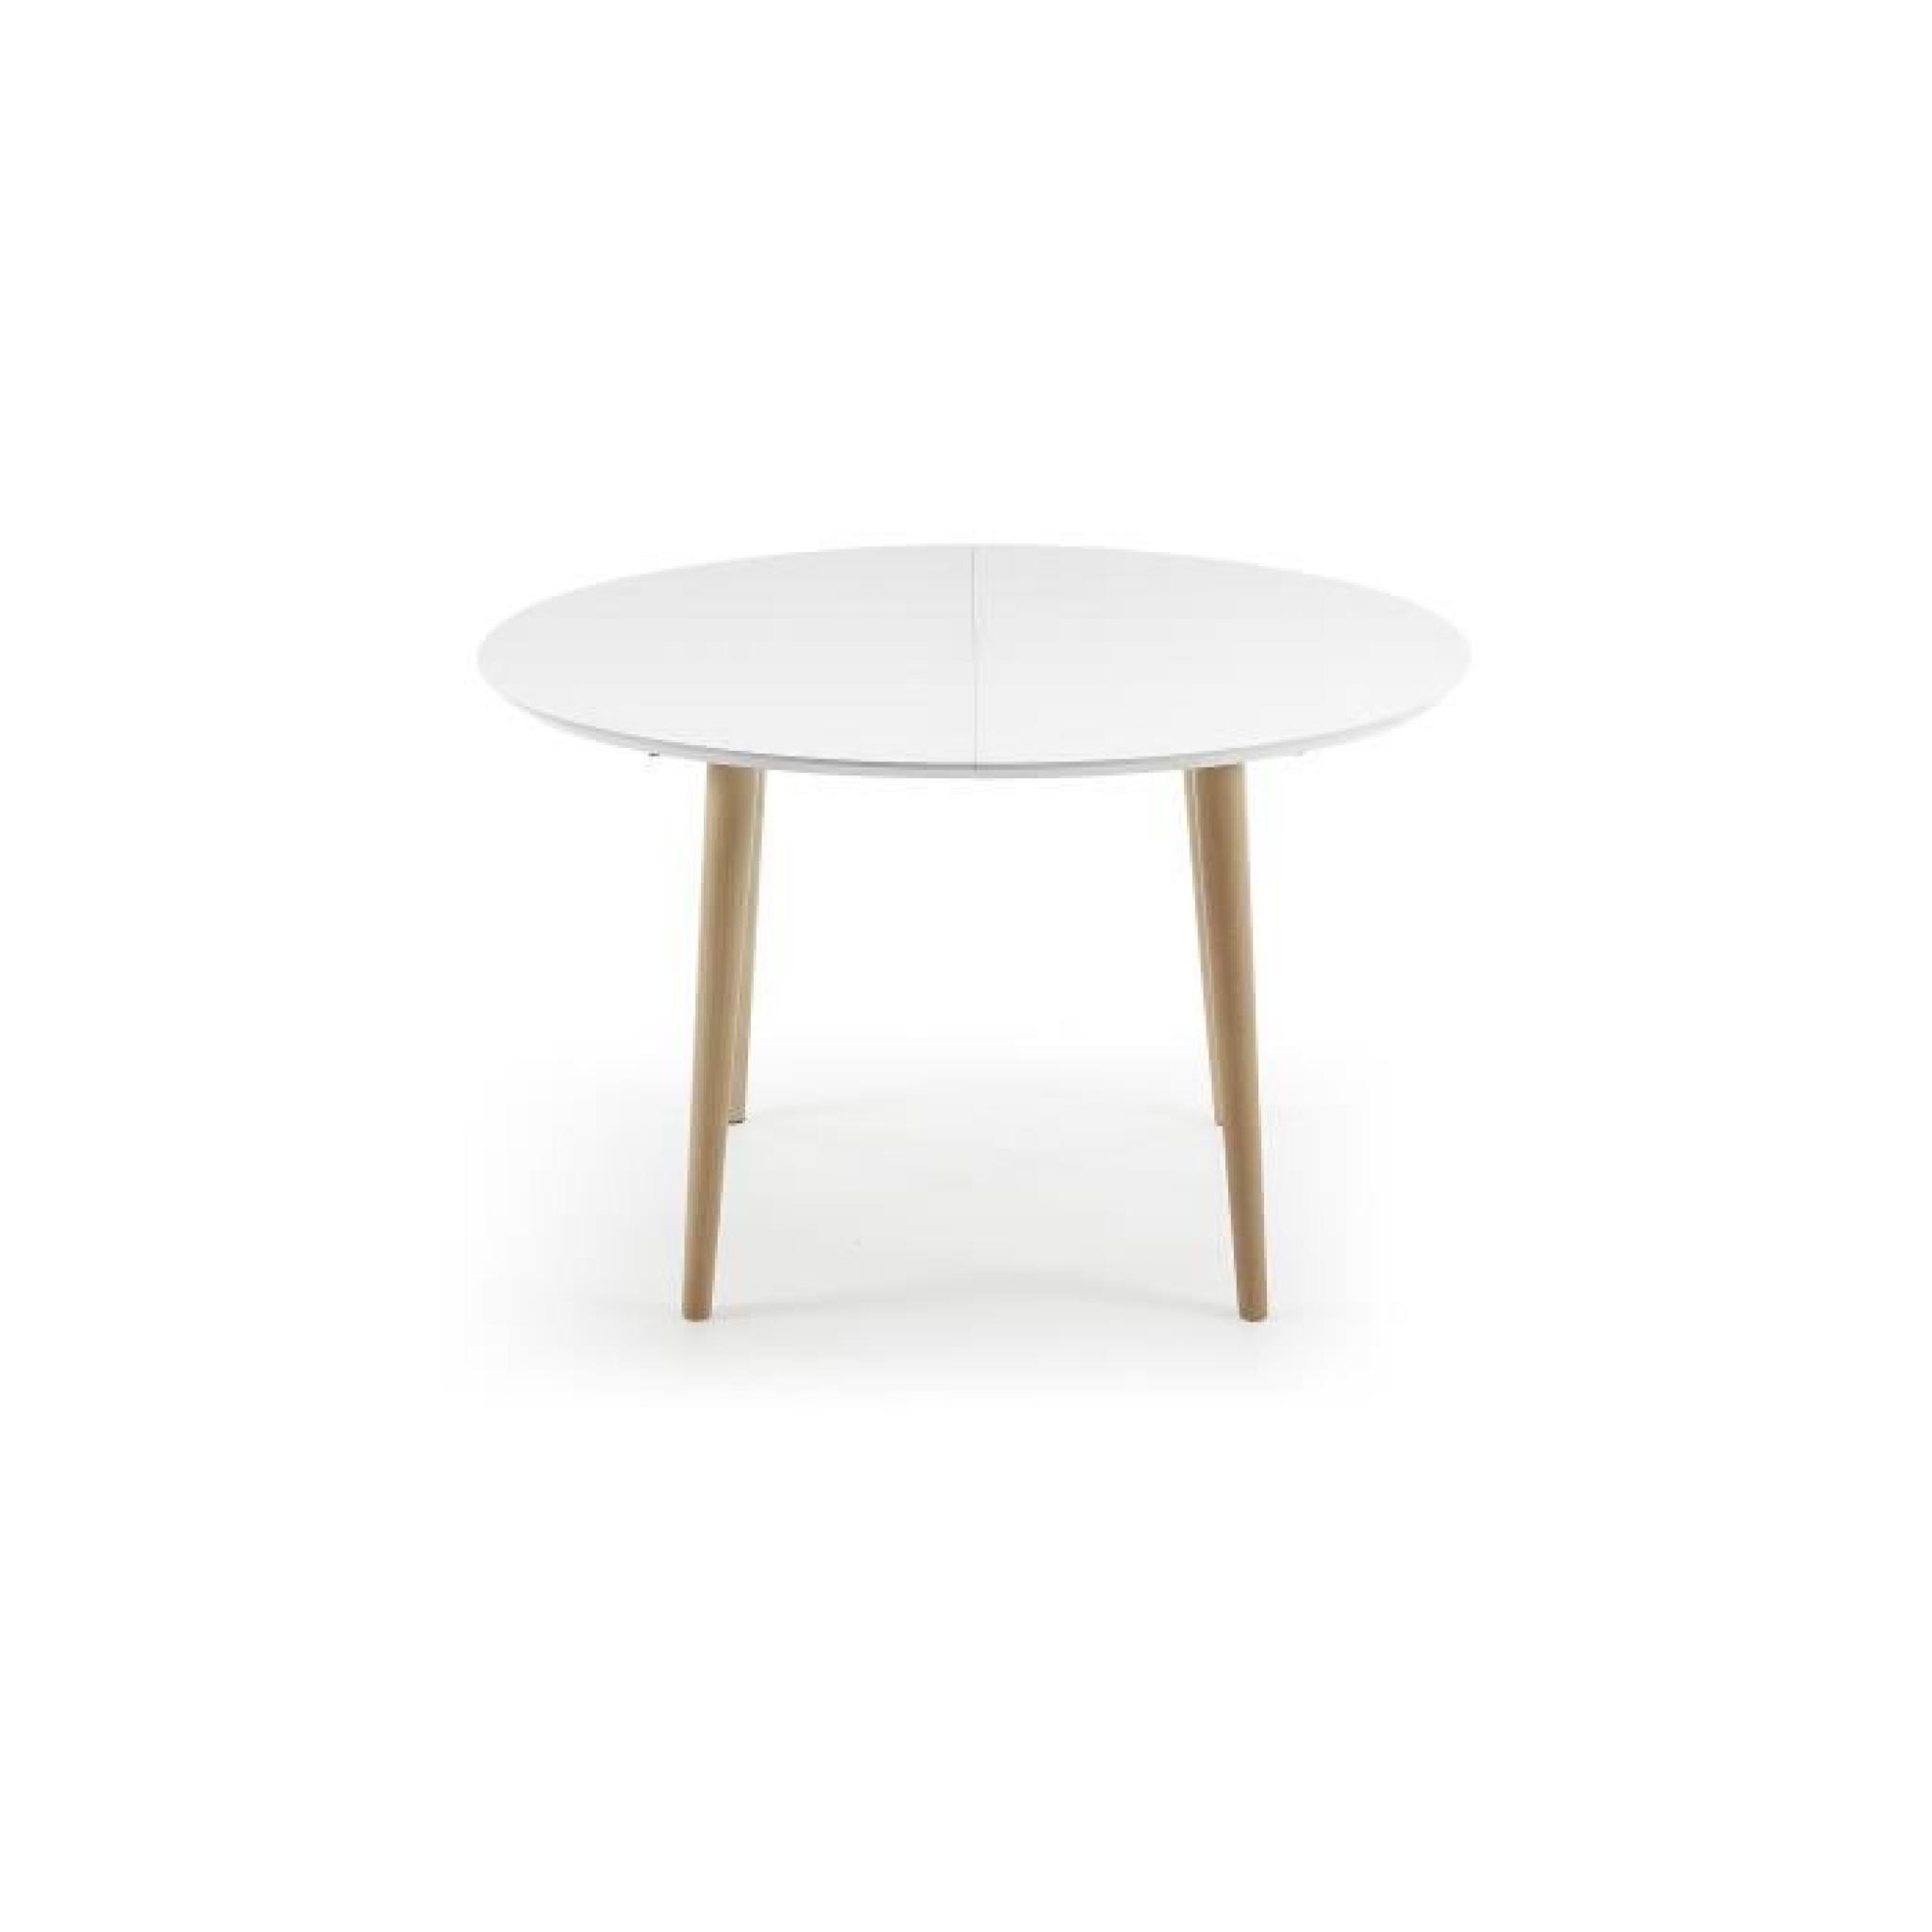 Ovale Extensible 120 200 Blanc CmNaturel Oqui Et Table w8m0OvnN